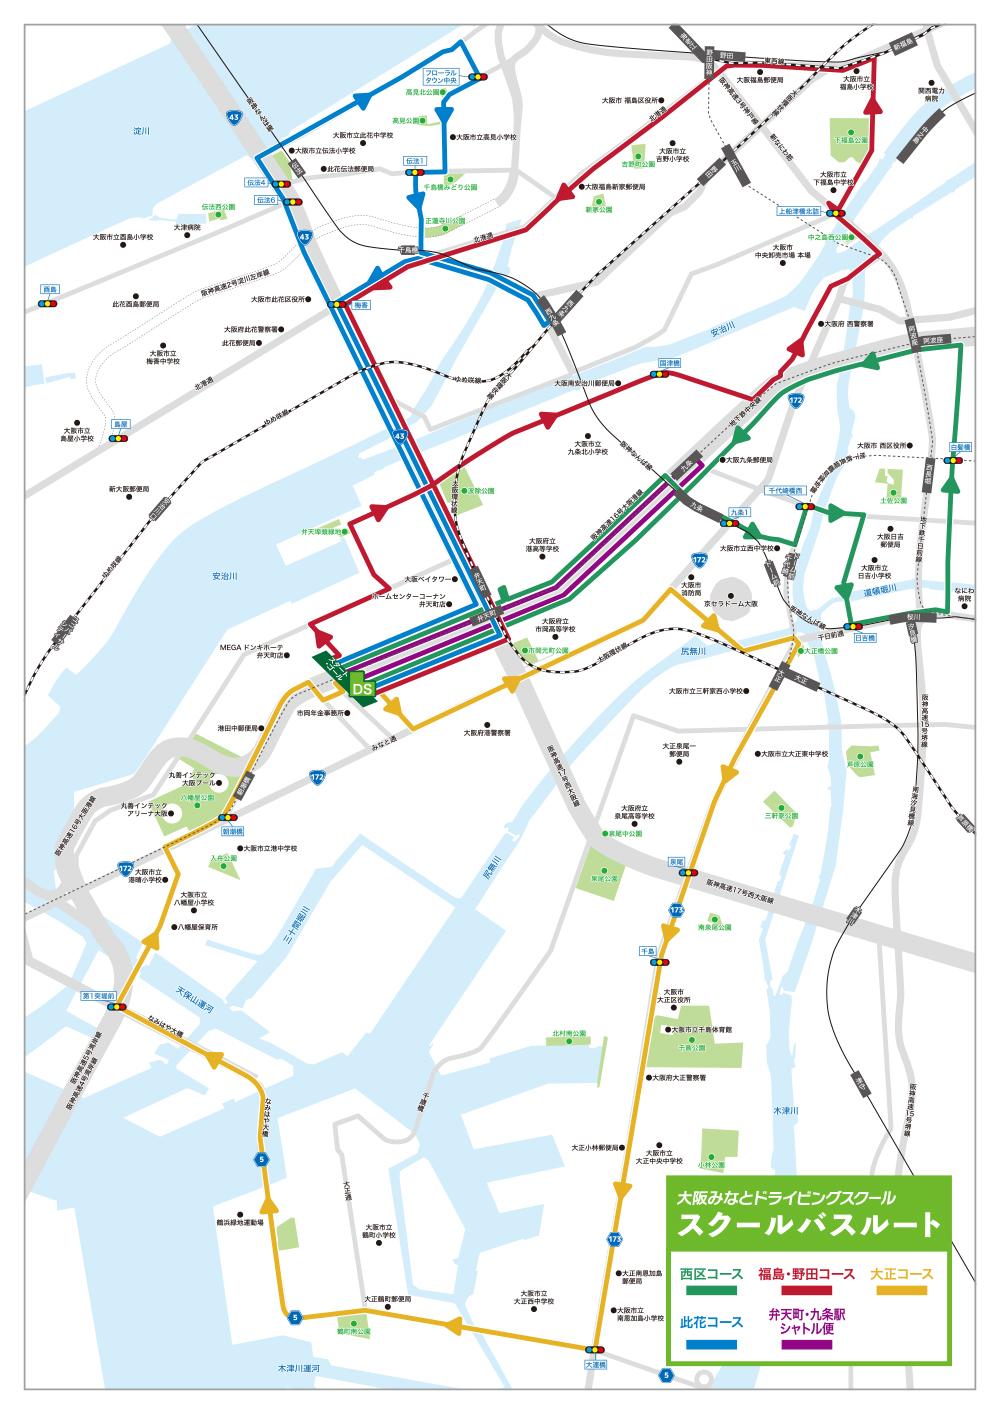 スクールバス路線図